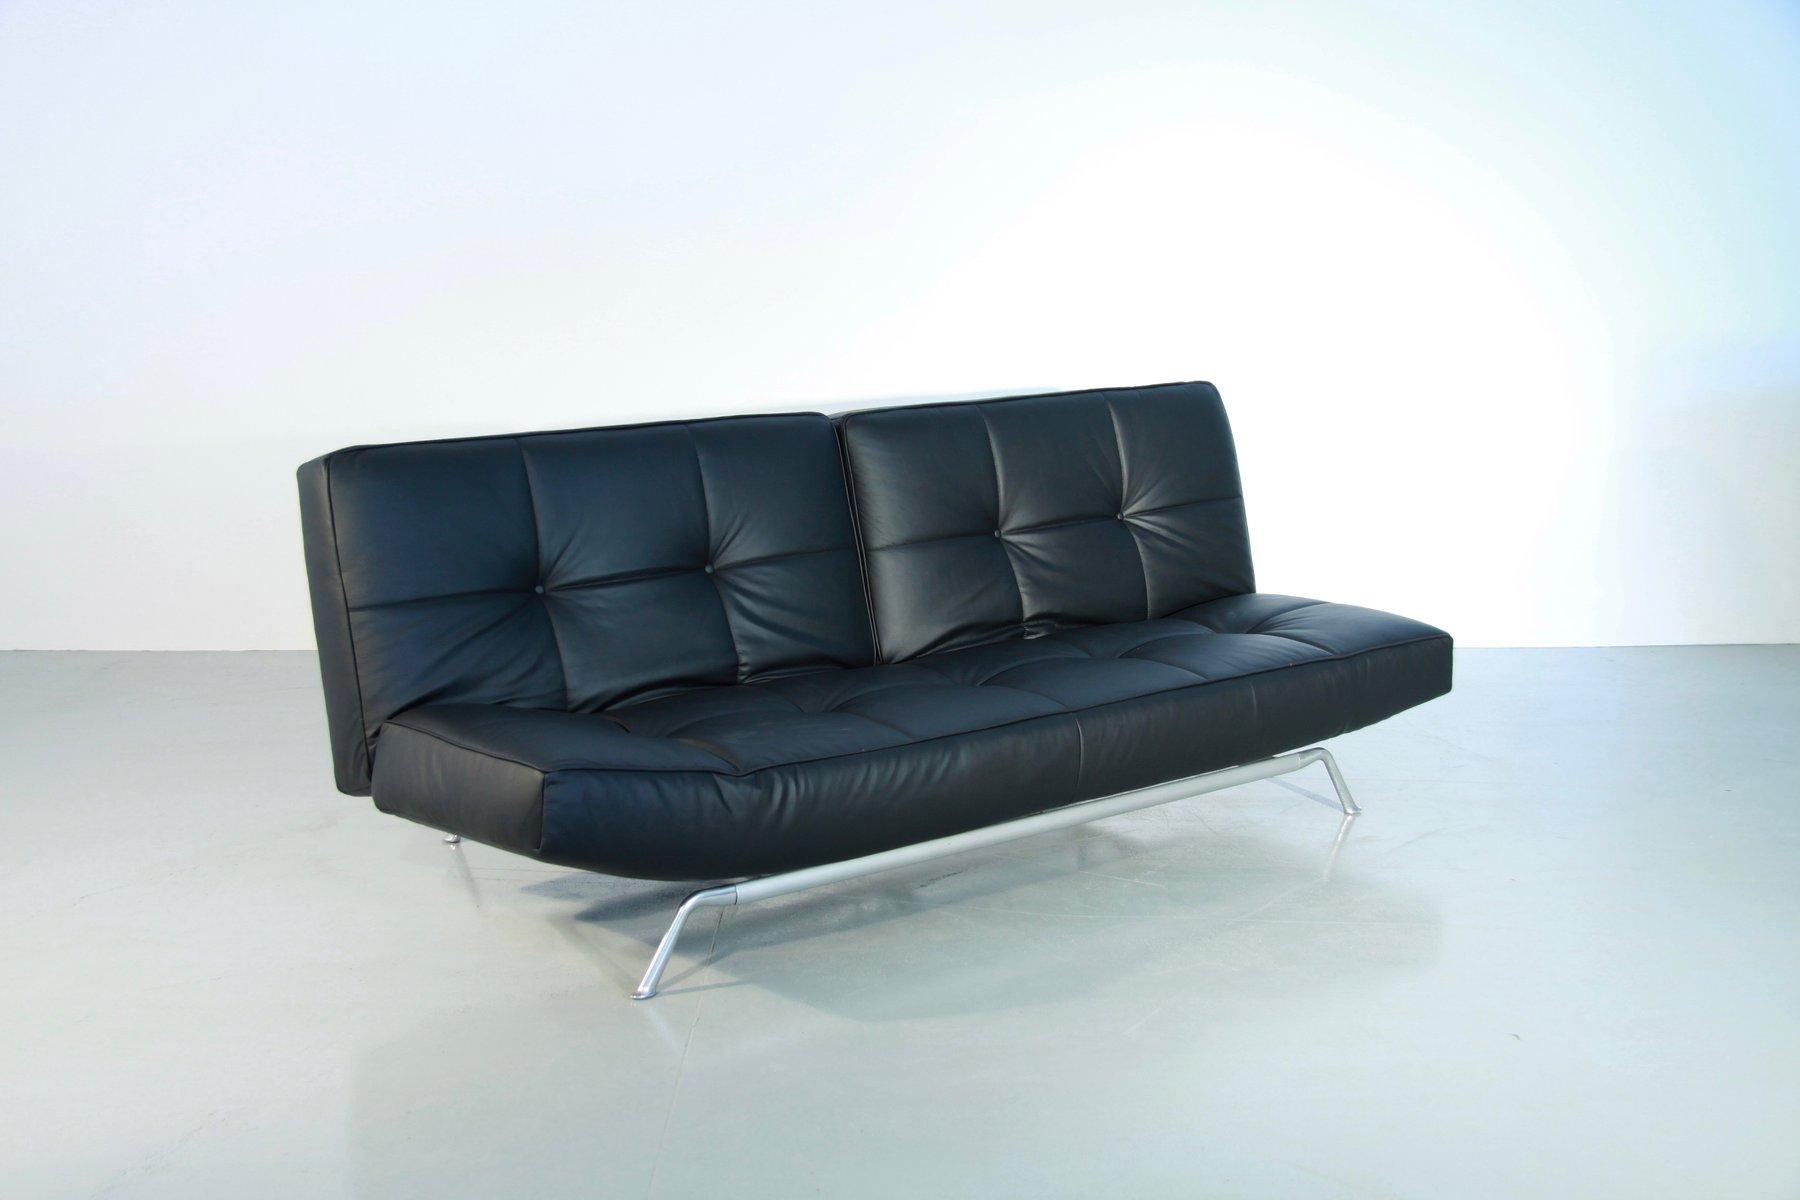 vintage smala black leather adjustable sofabed by pascal. Black Bedroom Furniture Sets. Home Design Ideas